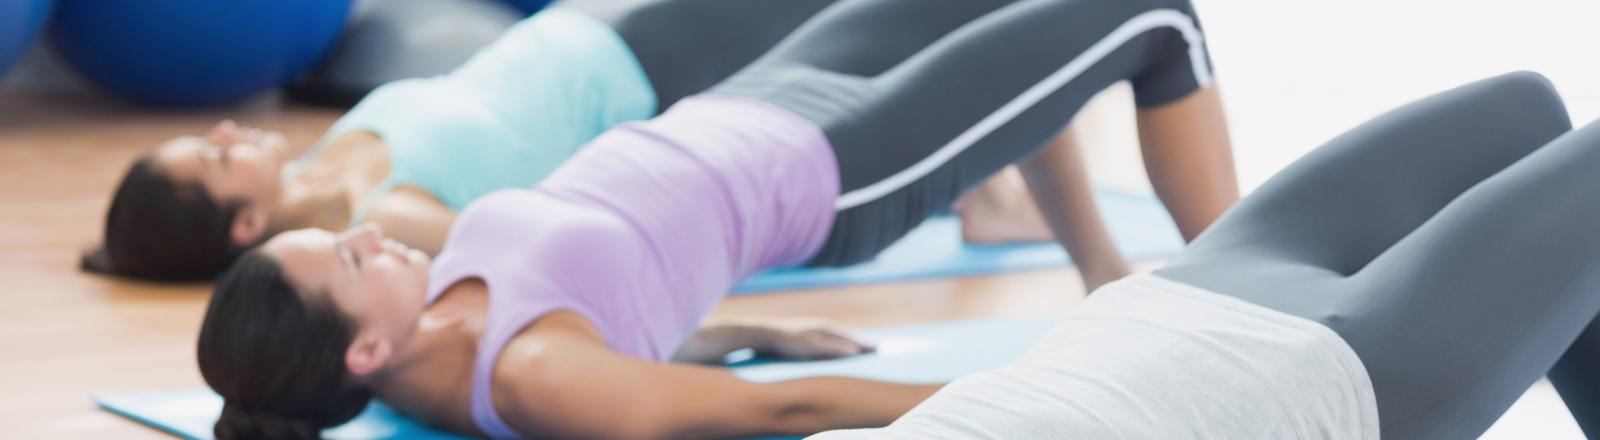 cabecera clase grupal yoga - fisioclinics bilbao